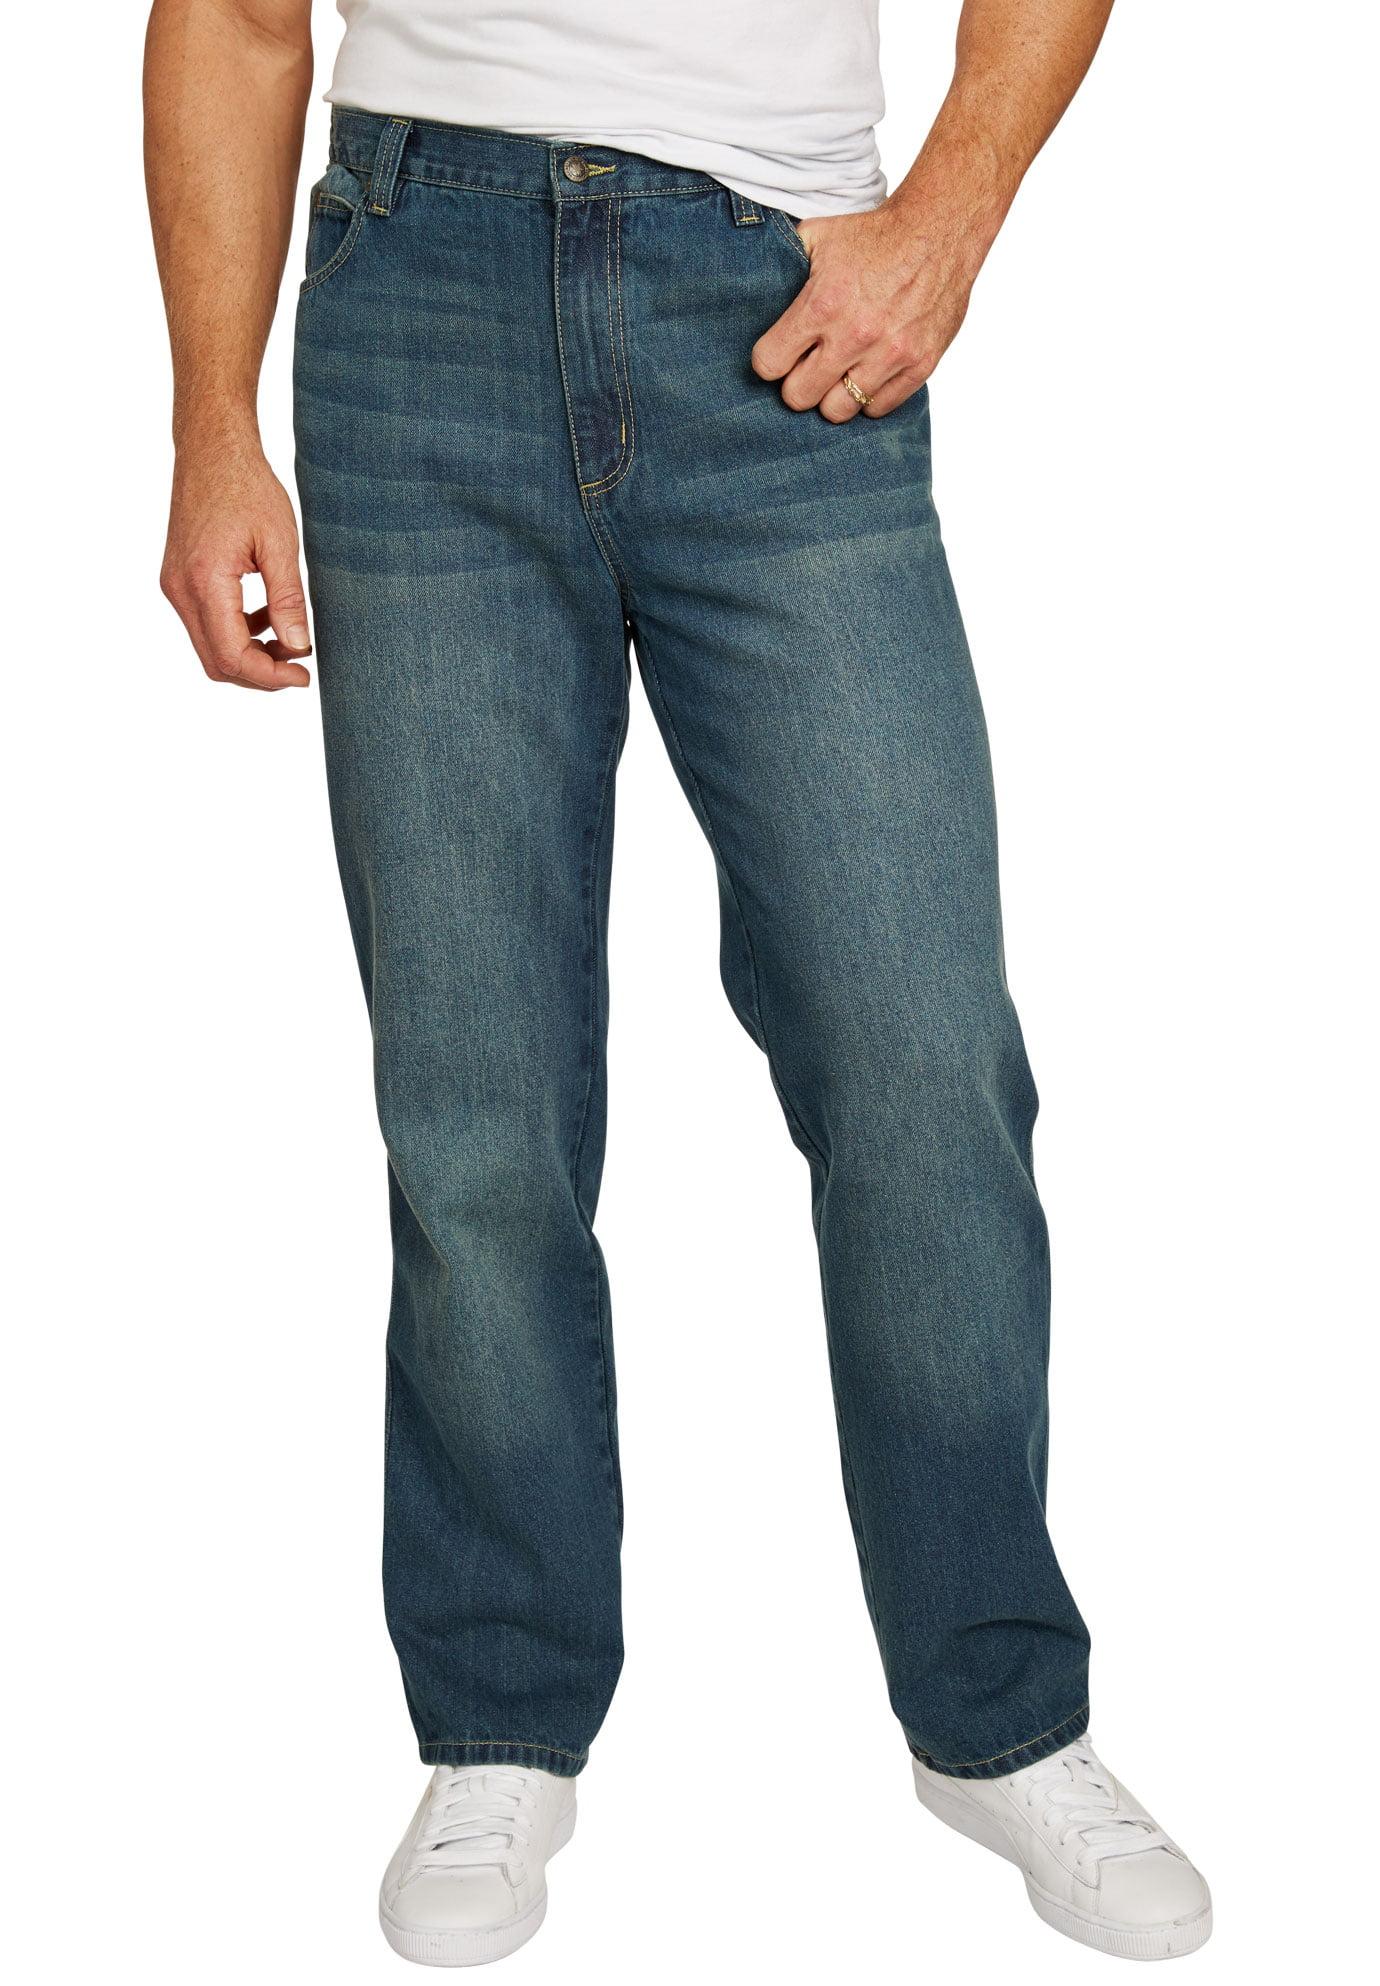 KS Signature Liberty Blues Mens Big /& Tall Best Fitting Blazer